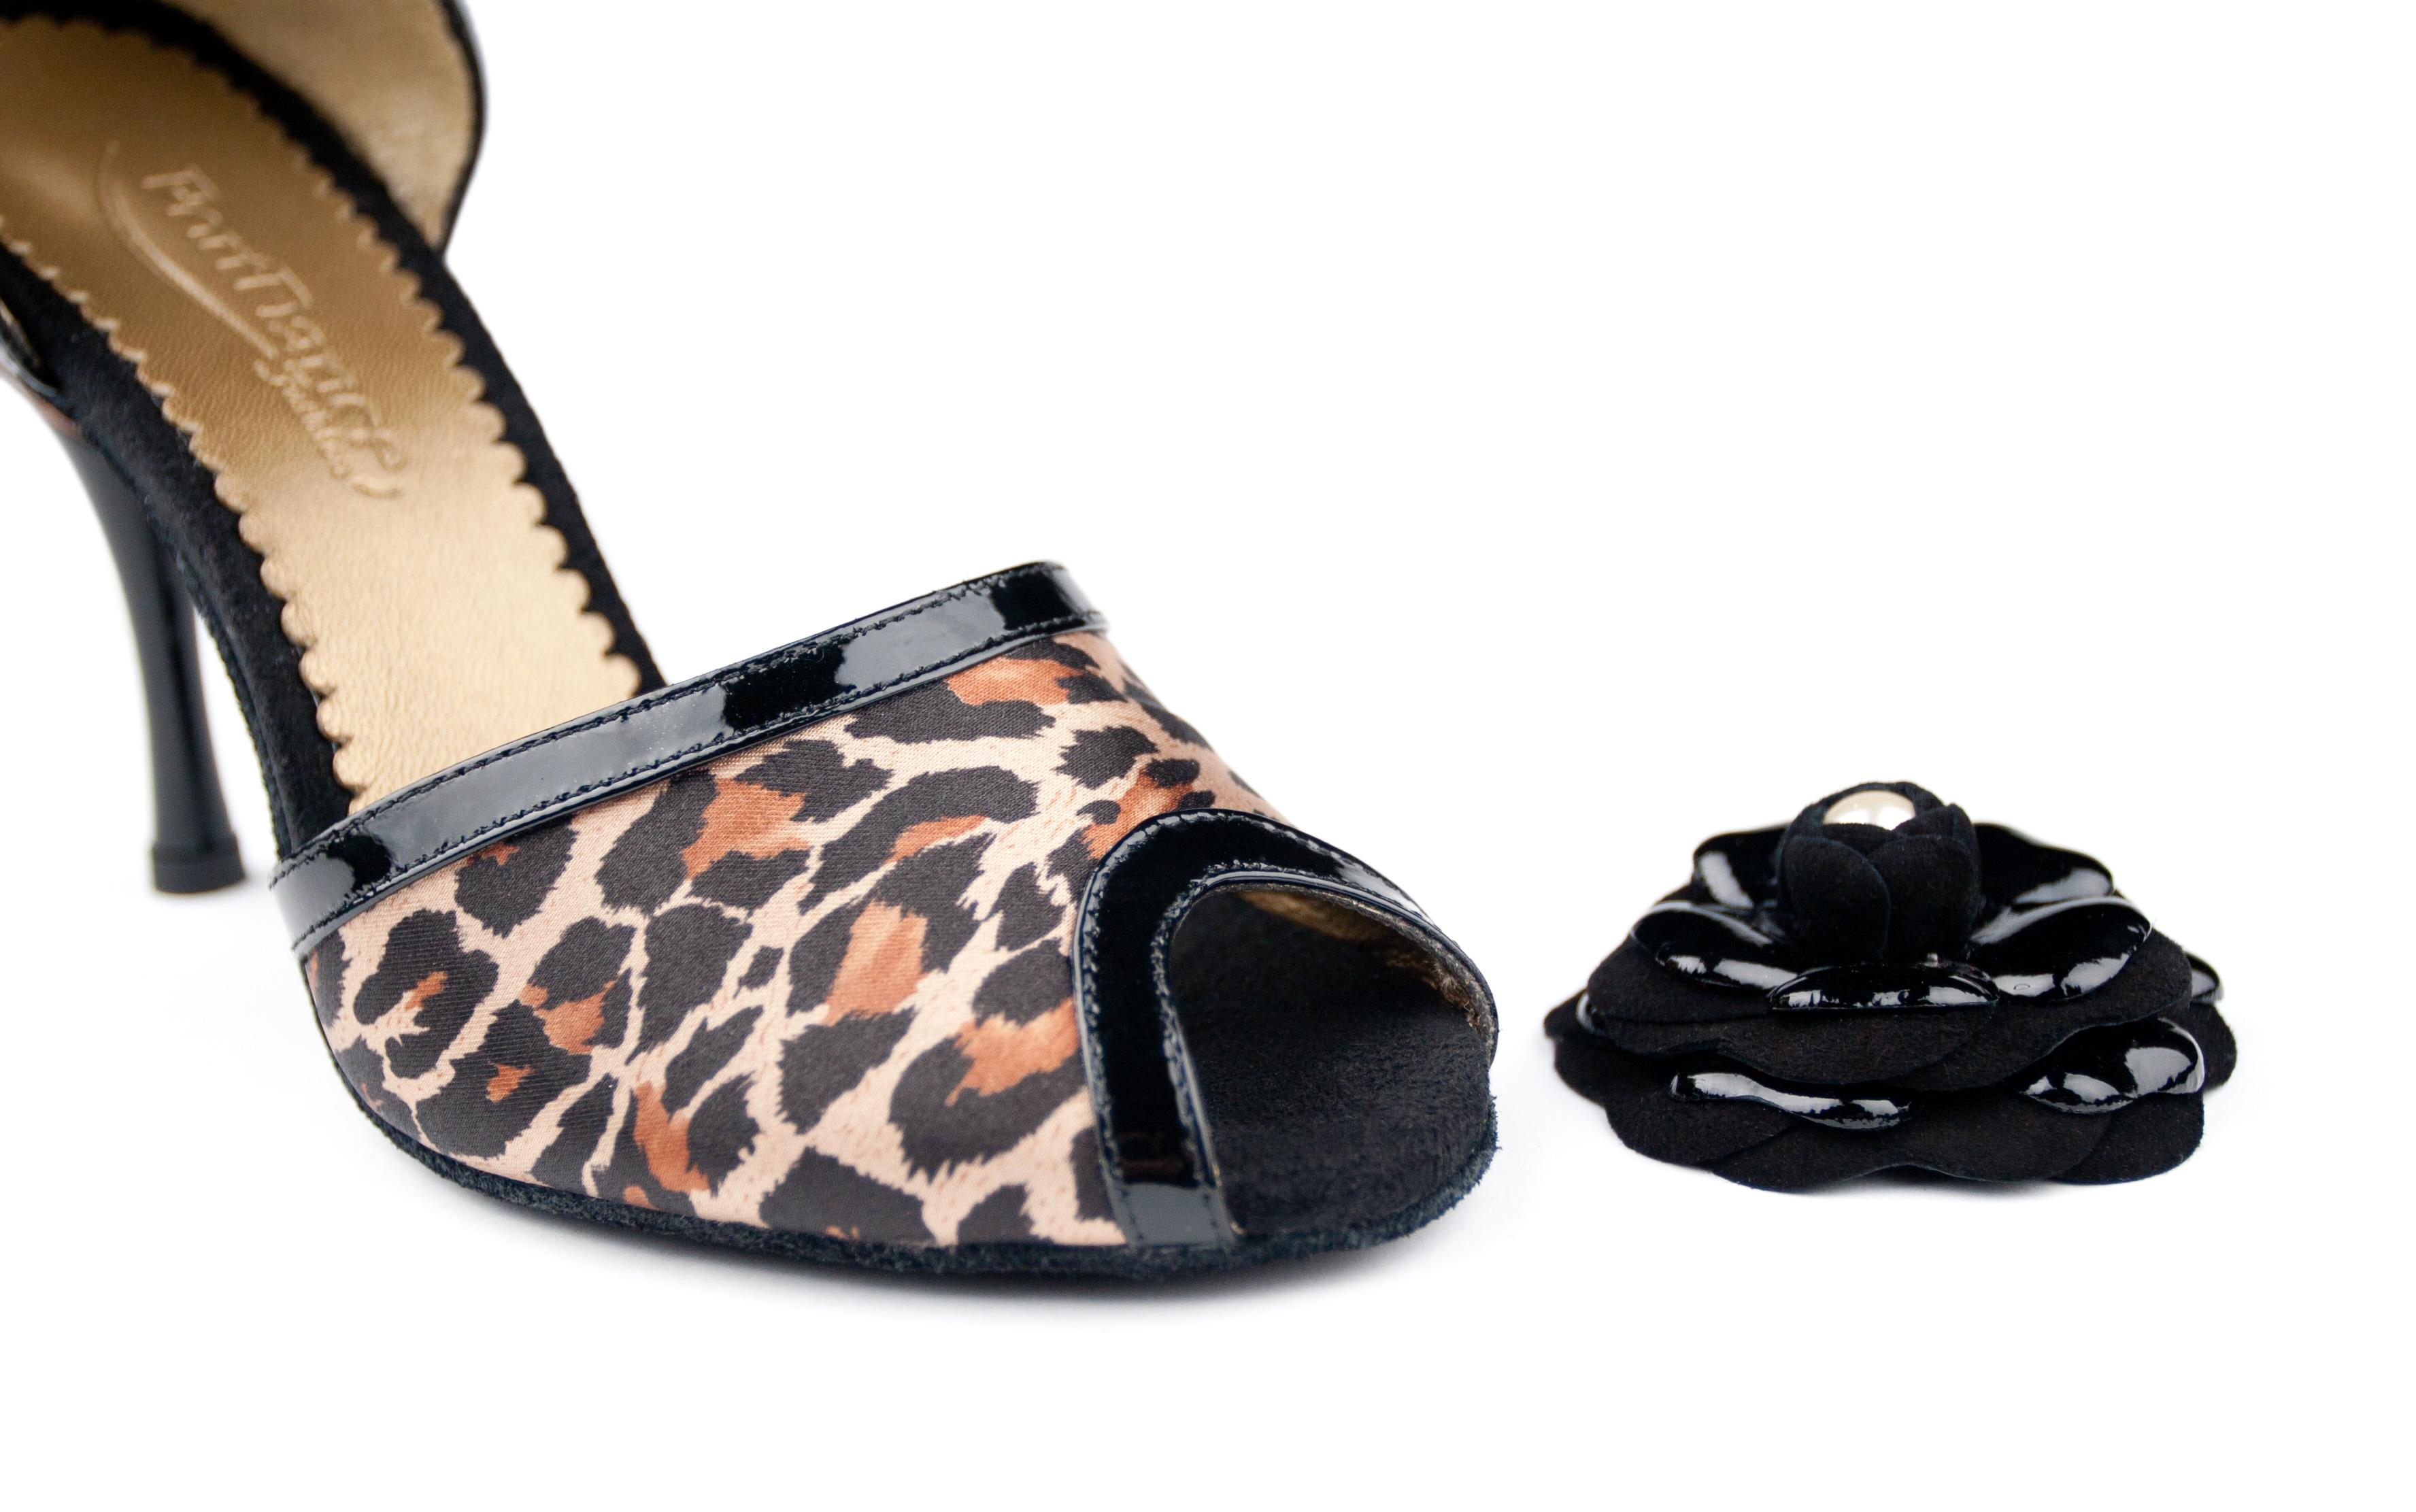 Bandolera Tango Shoes Sale